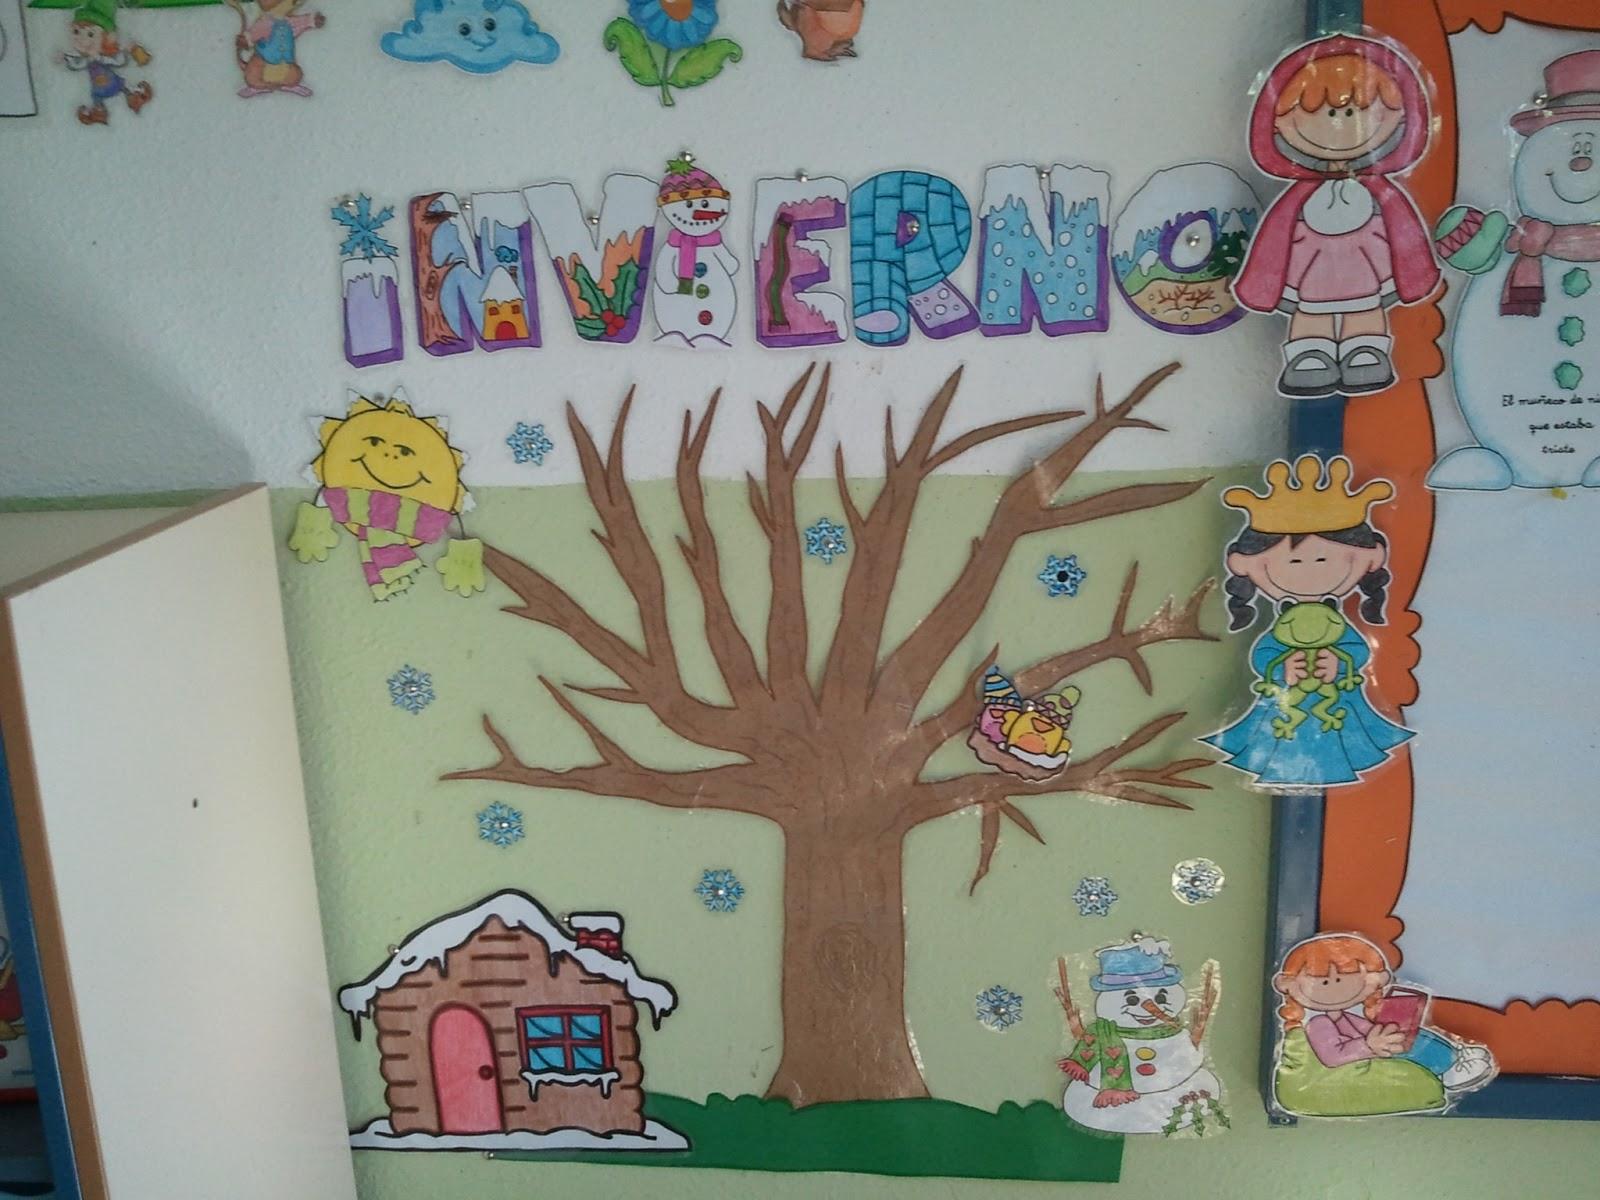 Mis cosillas de educaci n infantil marzo 2013 for Decoracion verano para jardin infantil